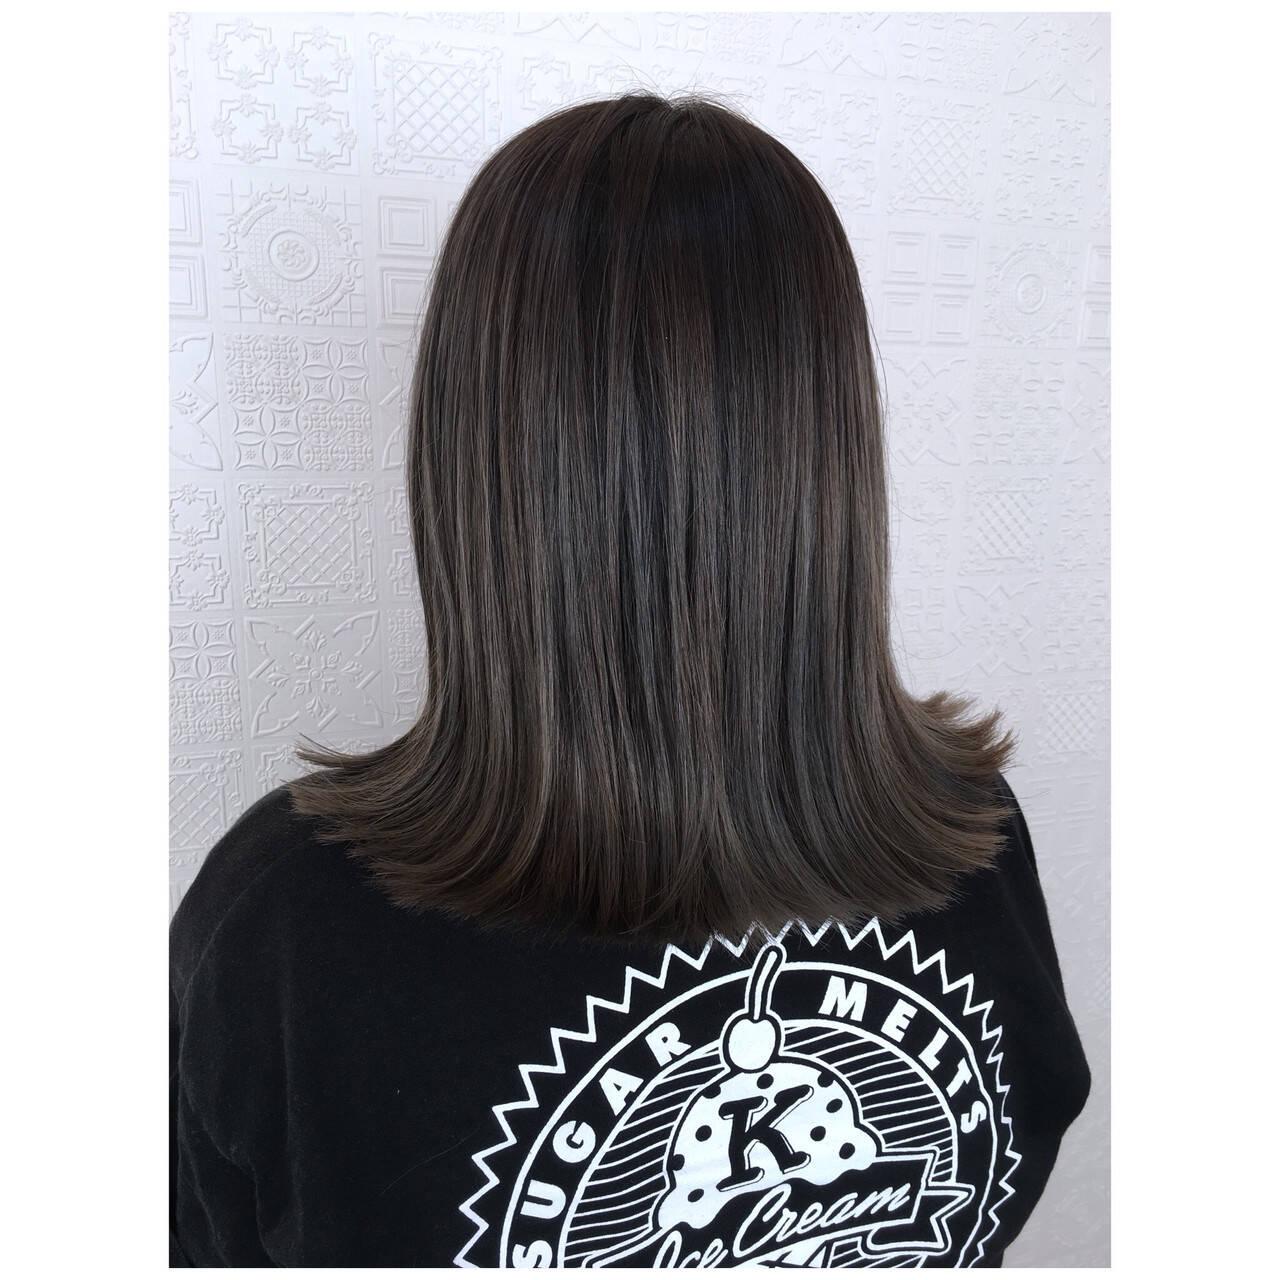 オリーブアッシュ オリーブカラー ナチュラル ミディアムヘアスタイルや髪型の写真・画像